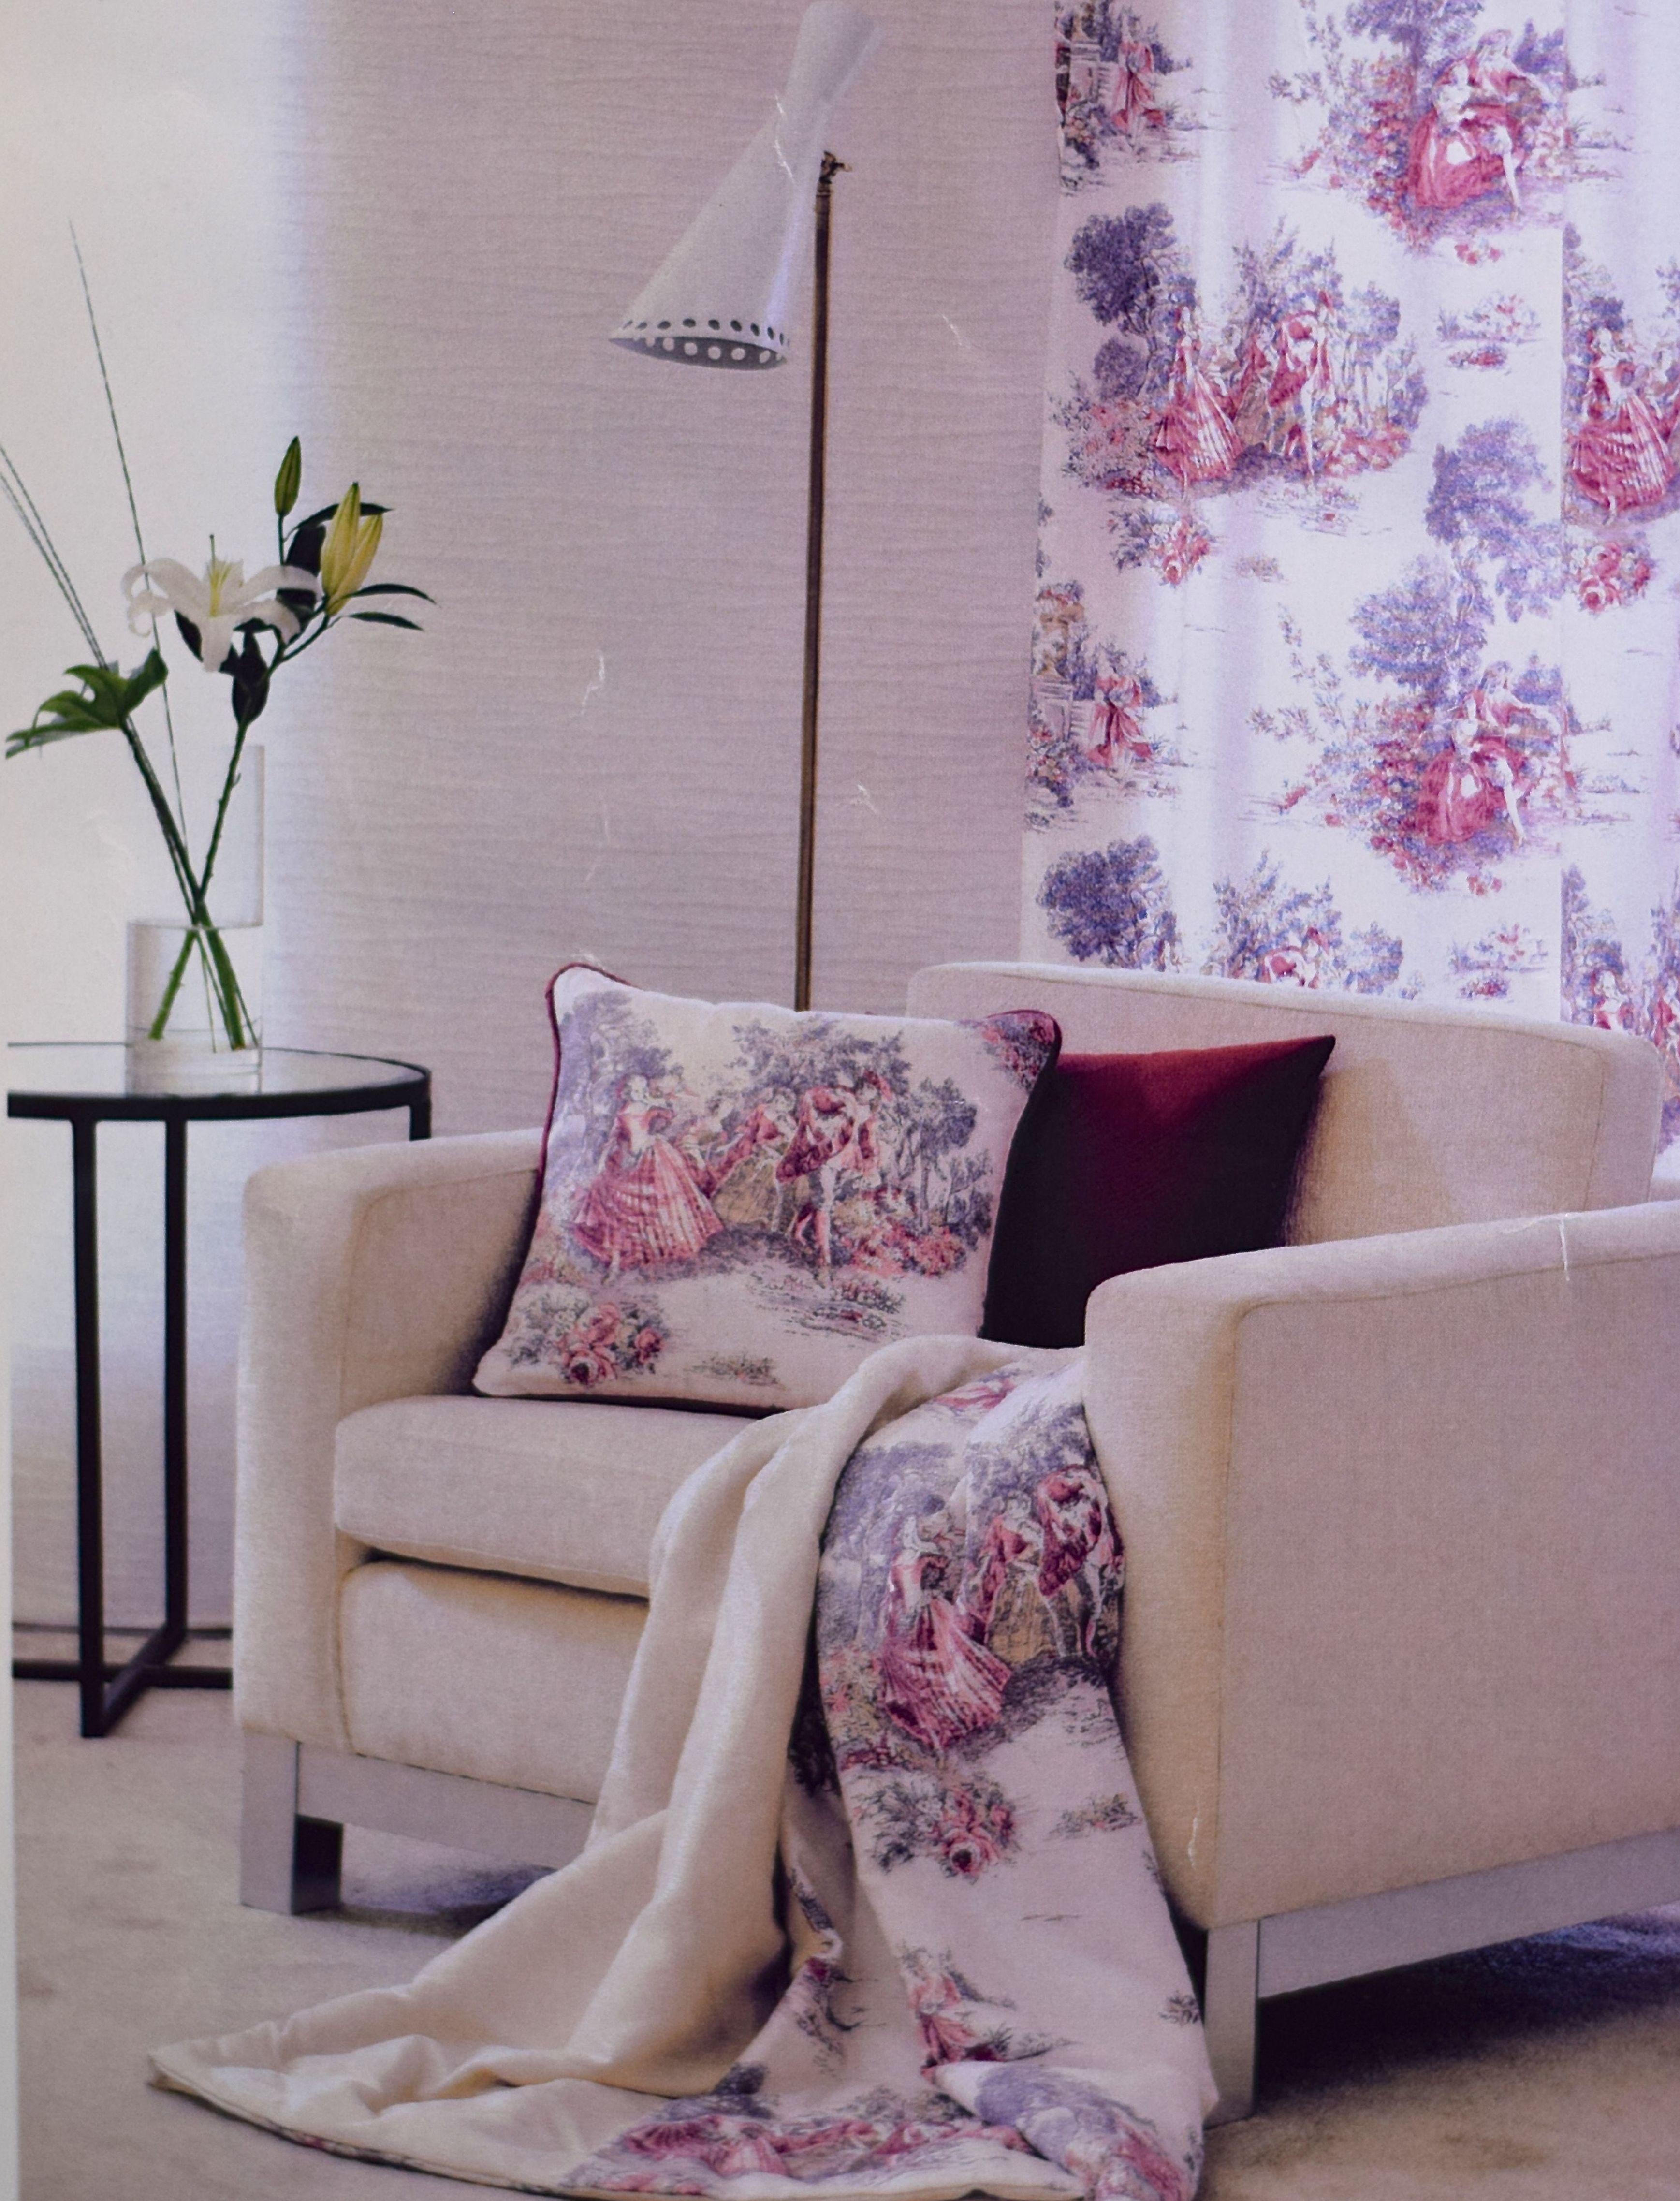 Decoración textil, tanto en cortinas tradicionales, como estores, paneles japoneses...